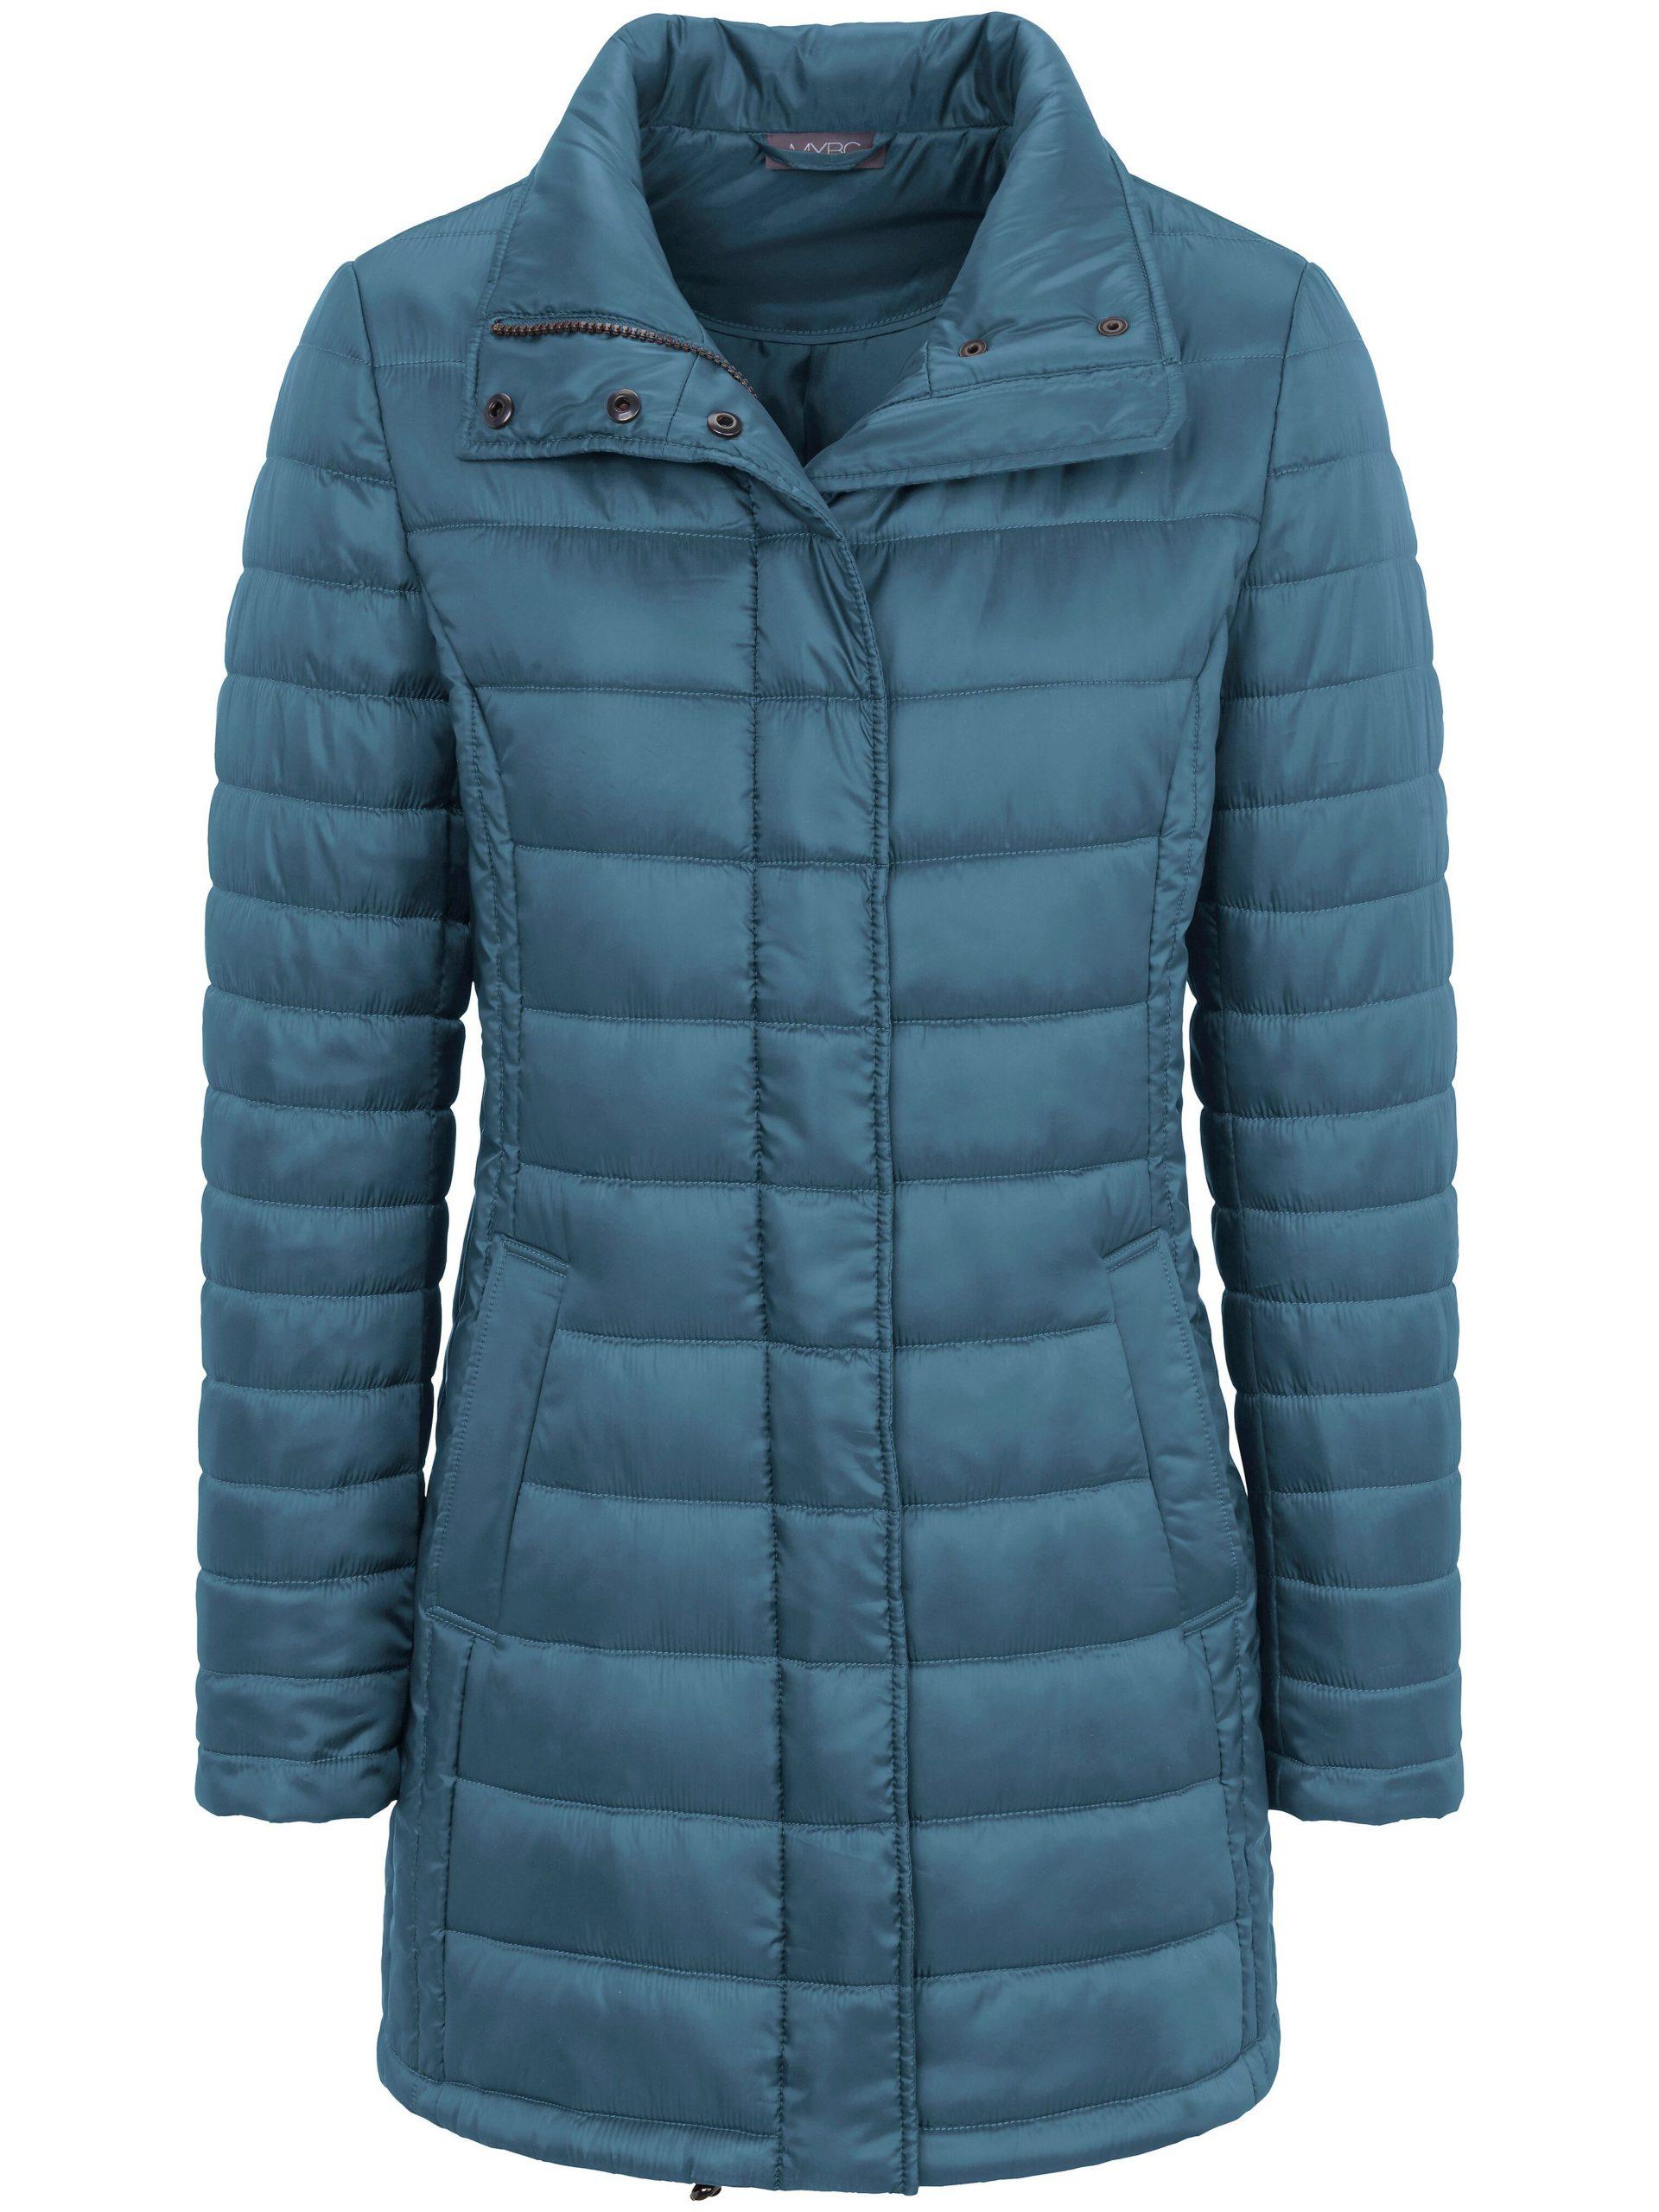 Gewatteerde jas Van MYBC blauw Kopen